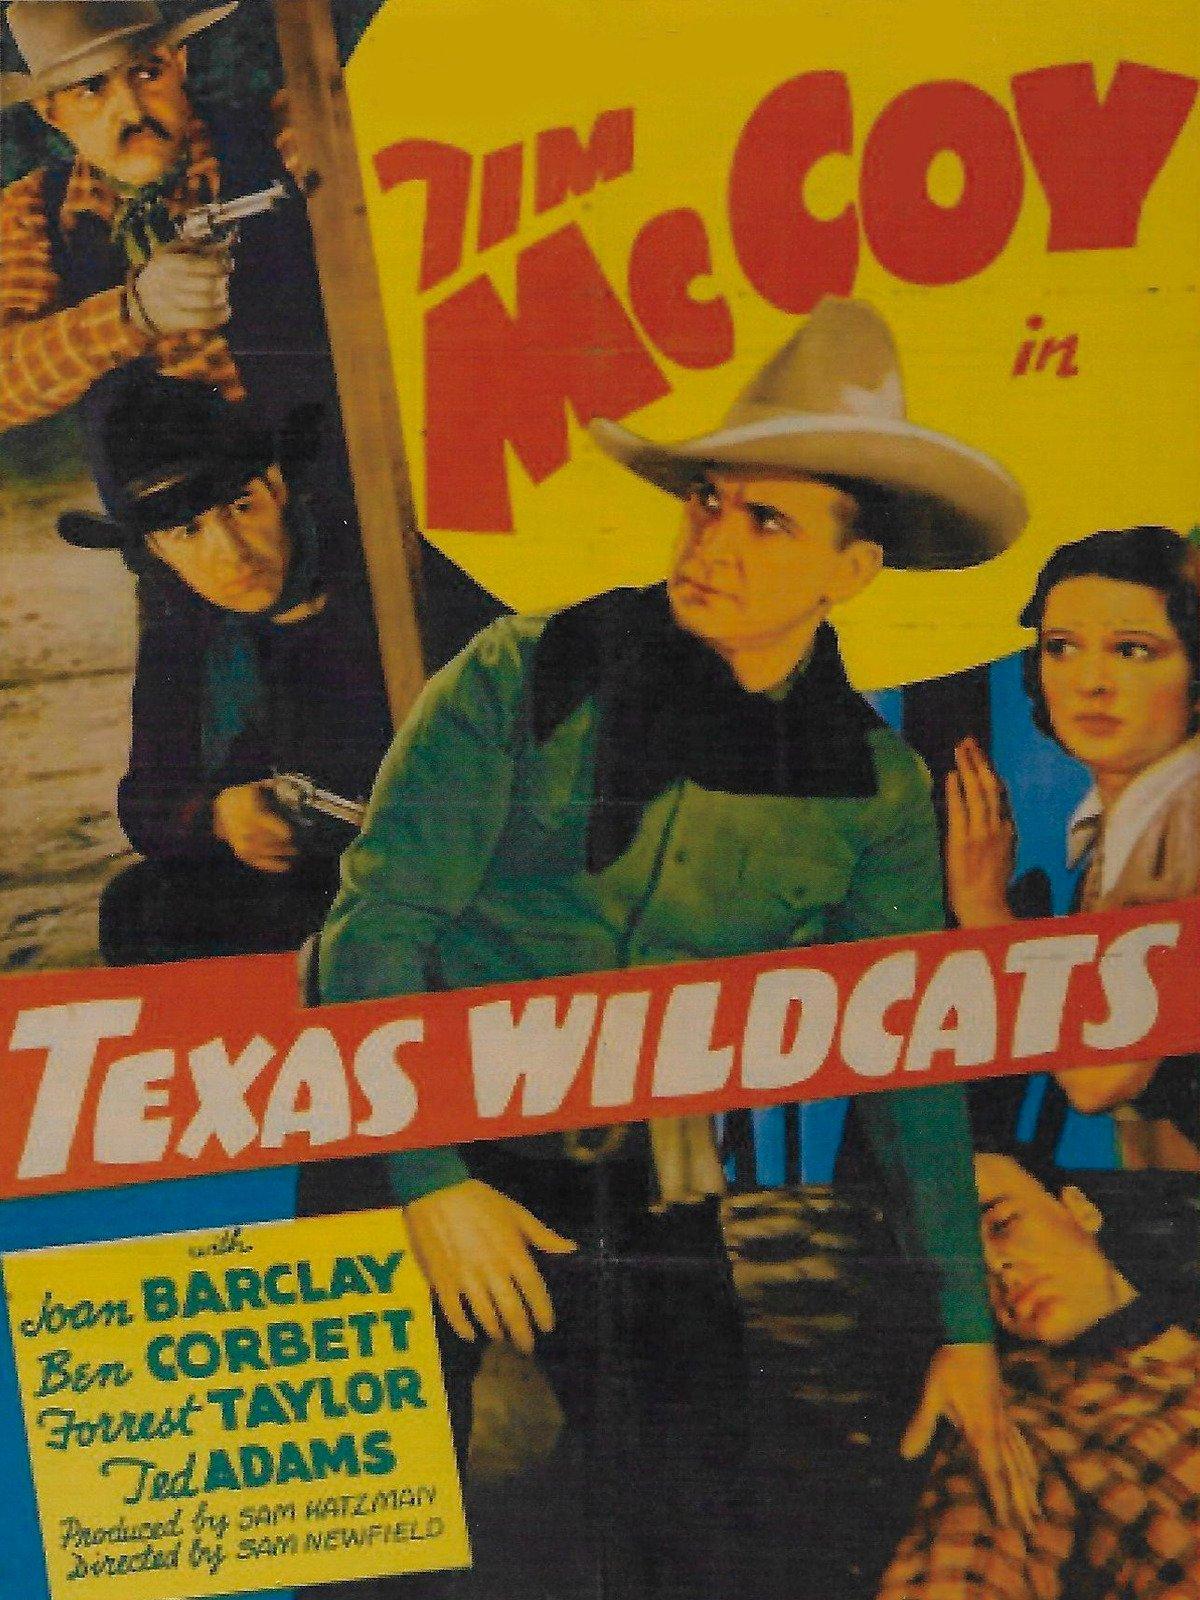 Texas Wildcats